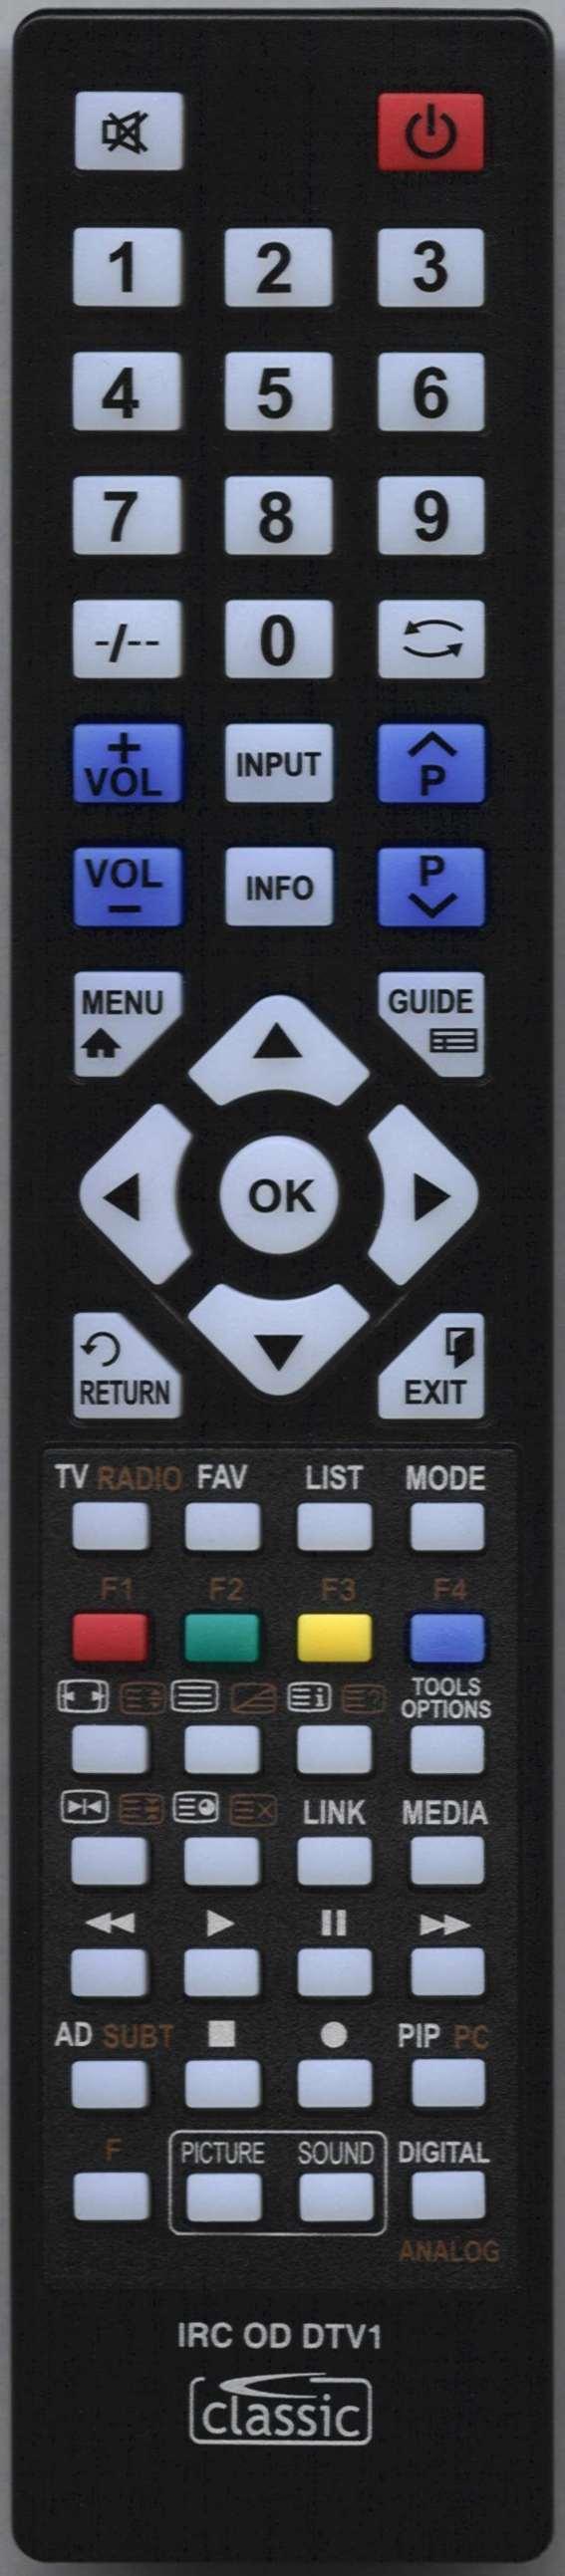 Cello C1975F Remote Control Alternative